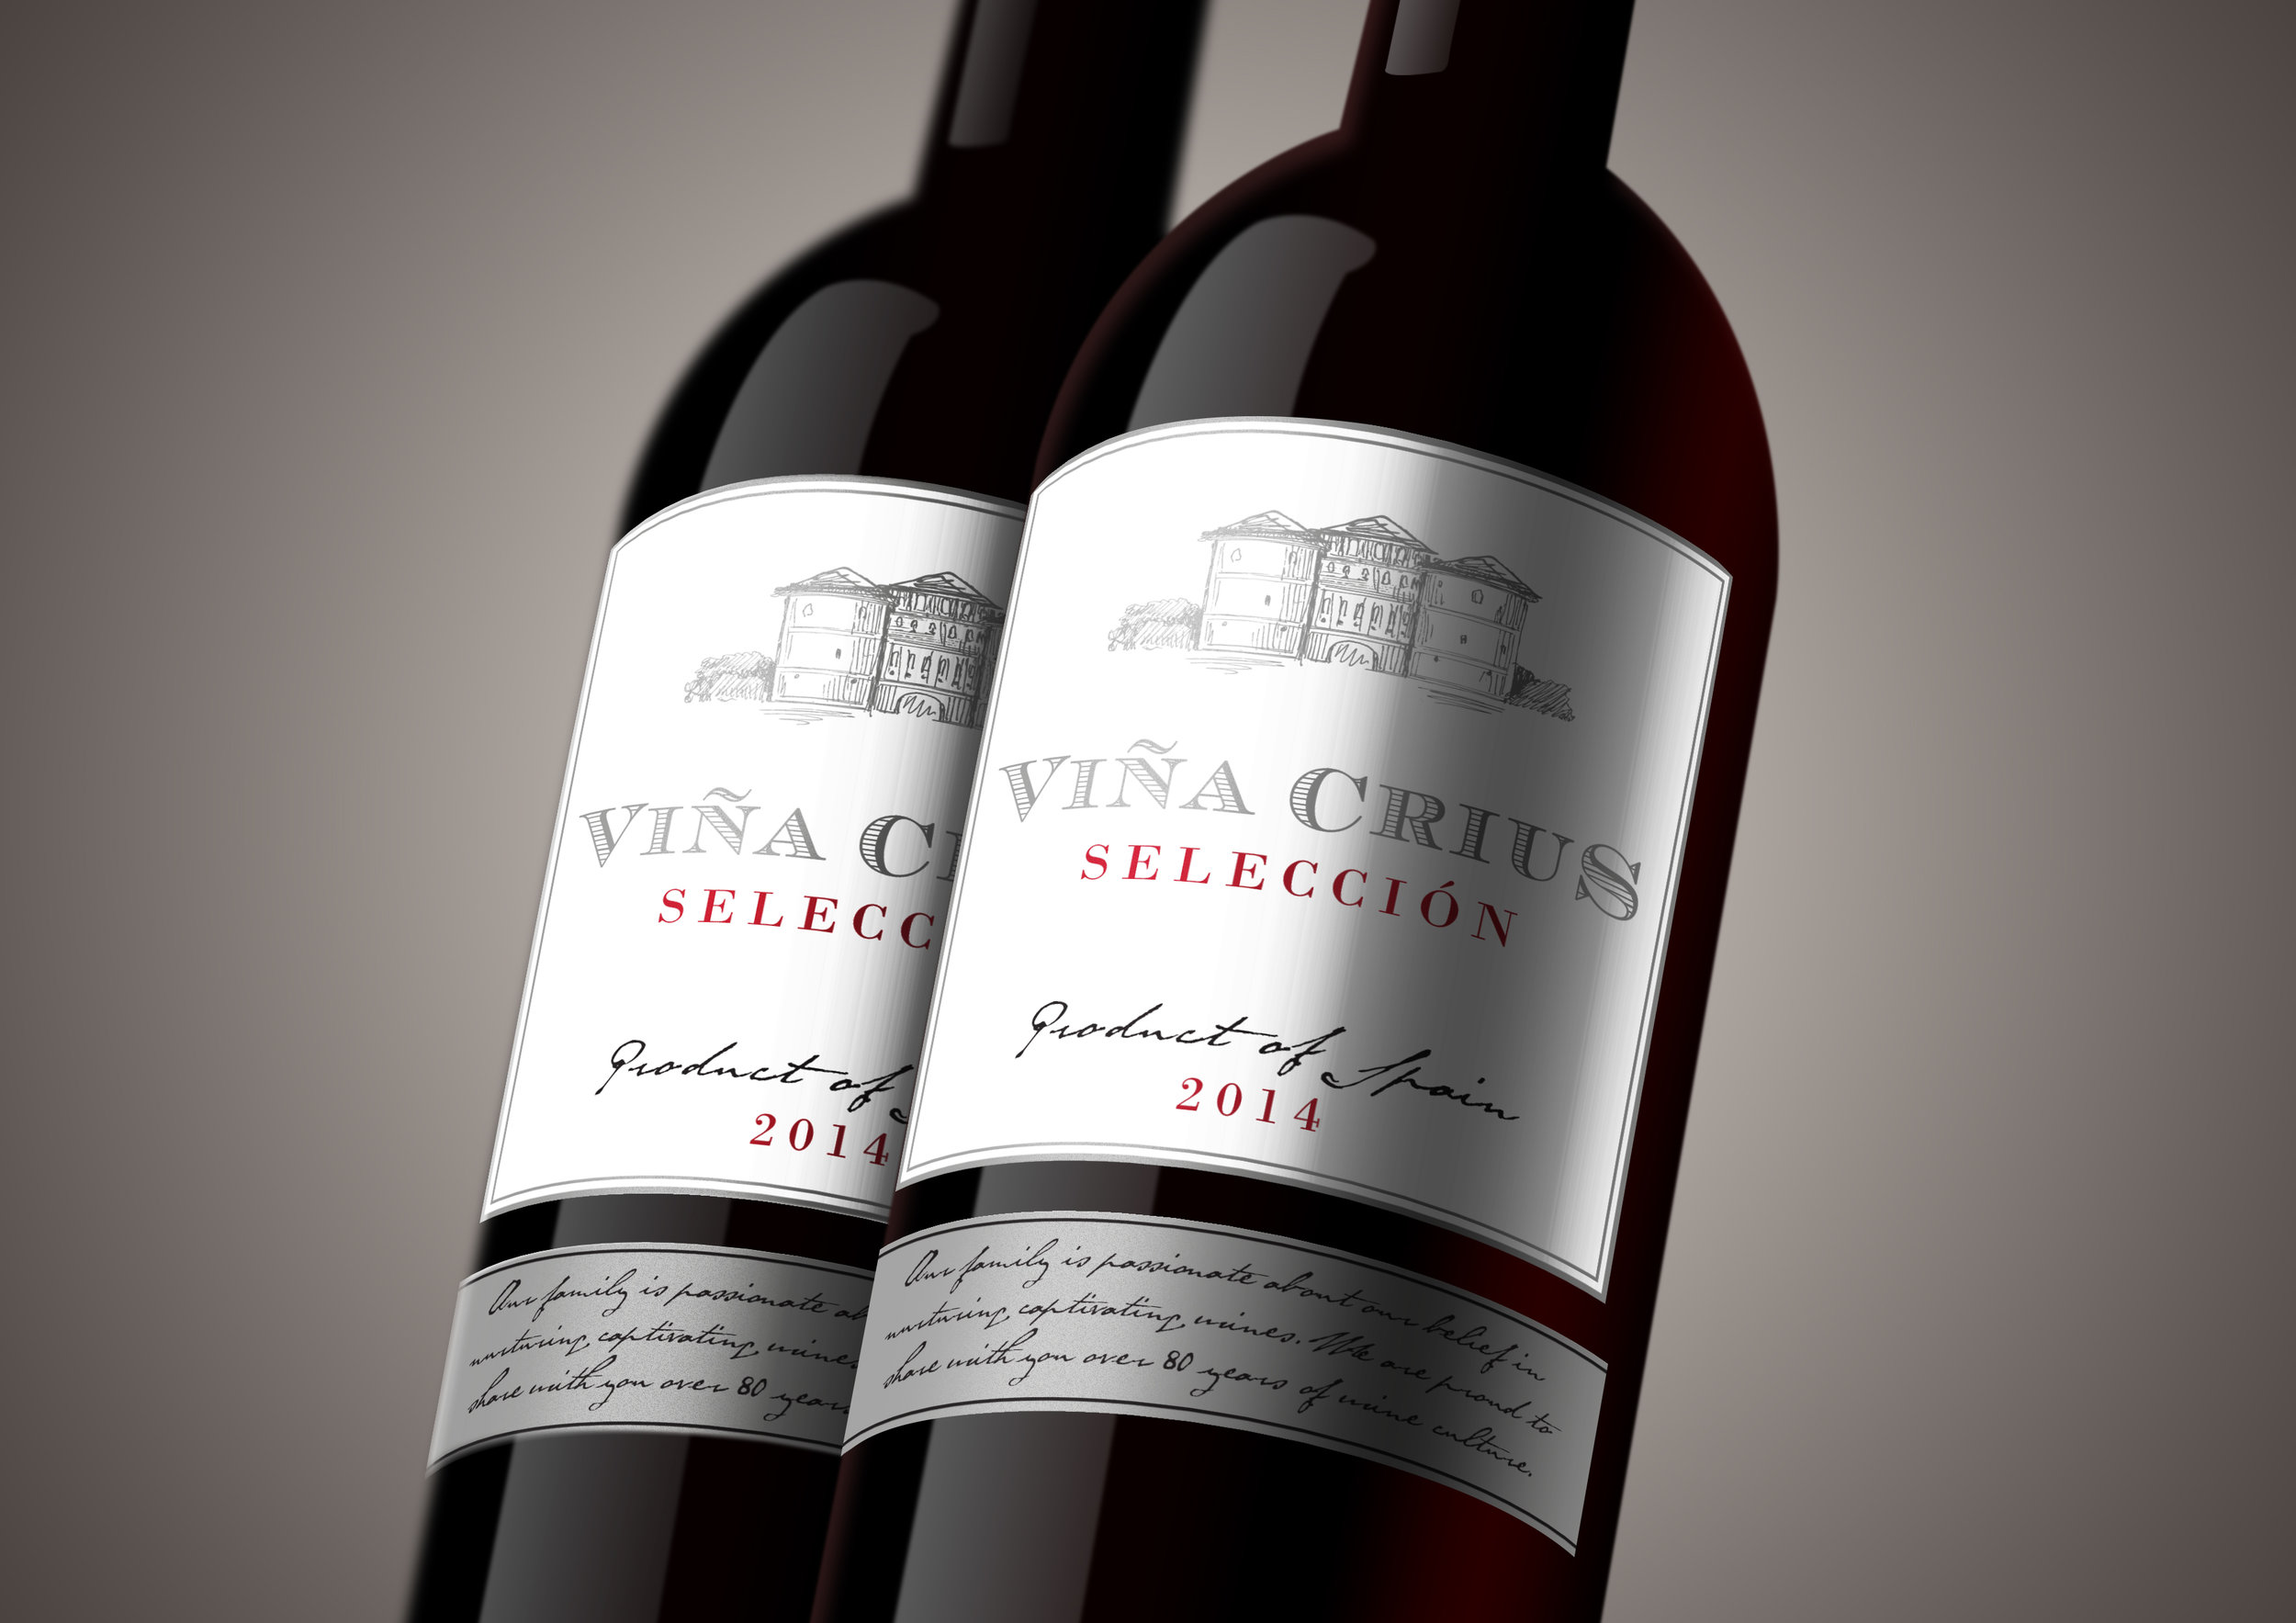 Vina Crius 2 bottle shot.jpg